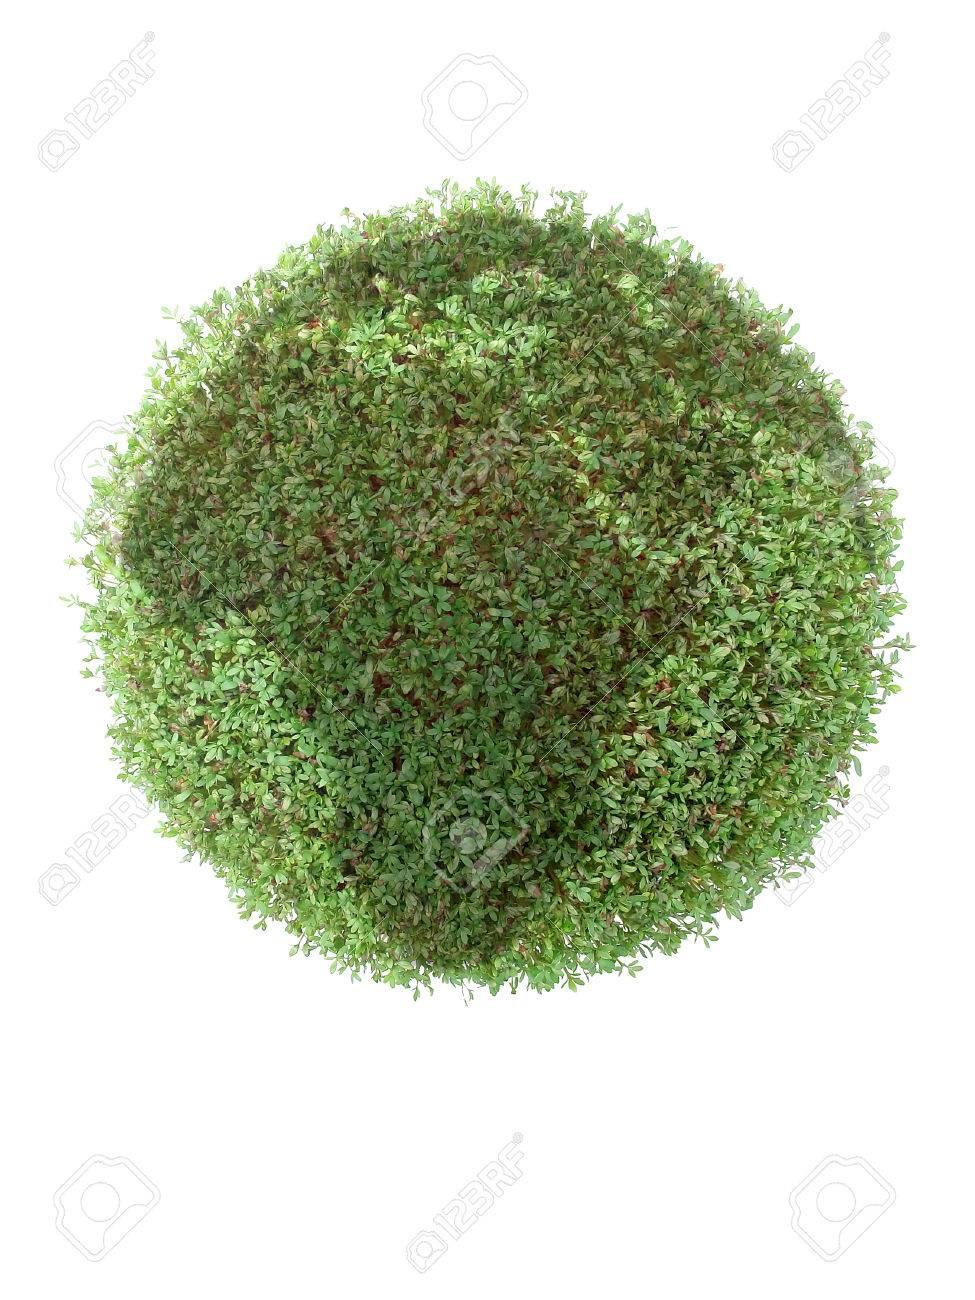 Fabelhaft Grüne Pflanzen Ideen Von Grüne über Weißem Hintergrund Standard-bild - 28631612